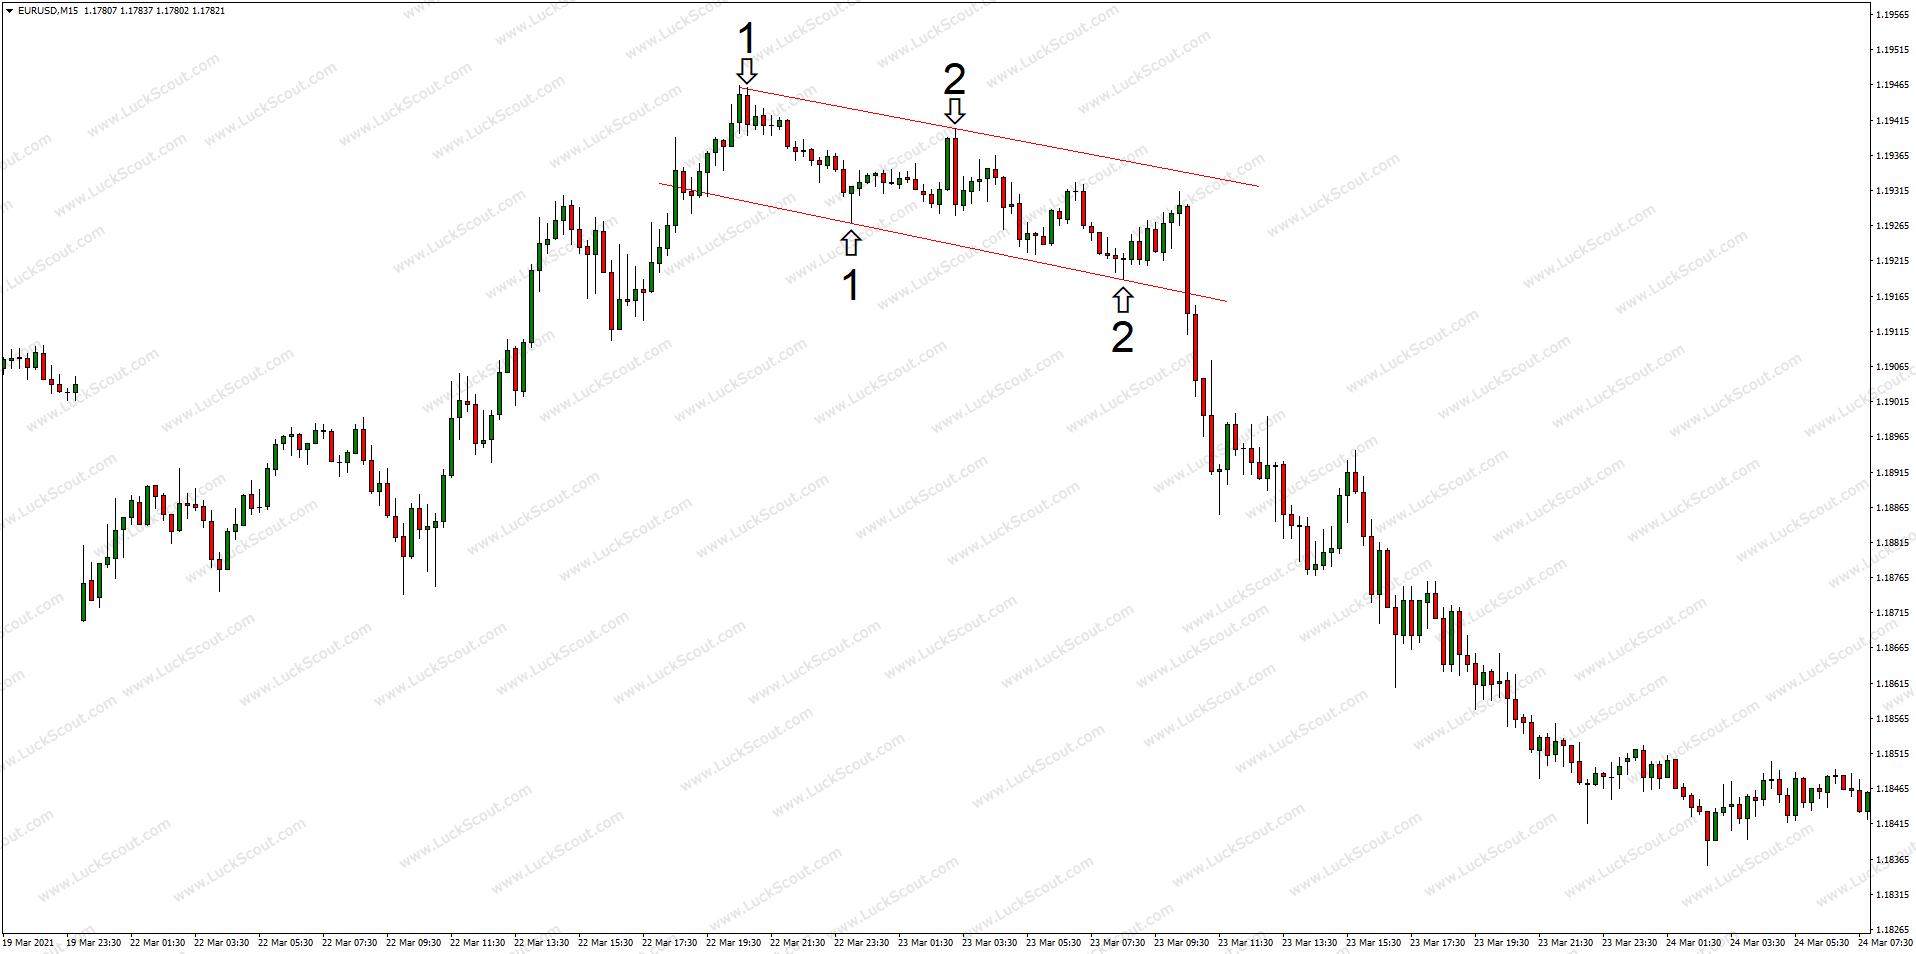 Descending Rectangle on EUR-USD 15min Chart